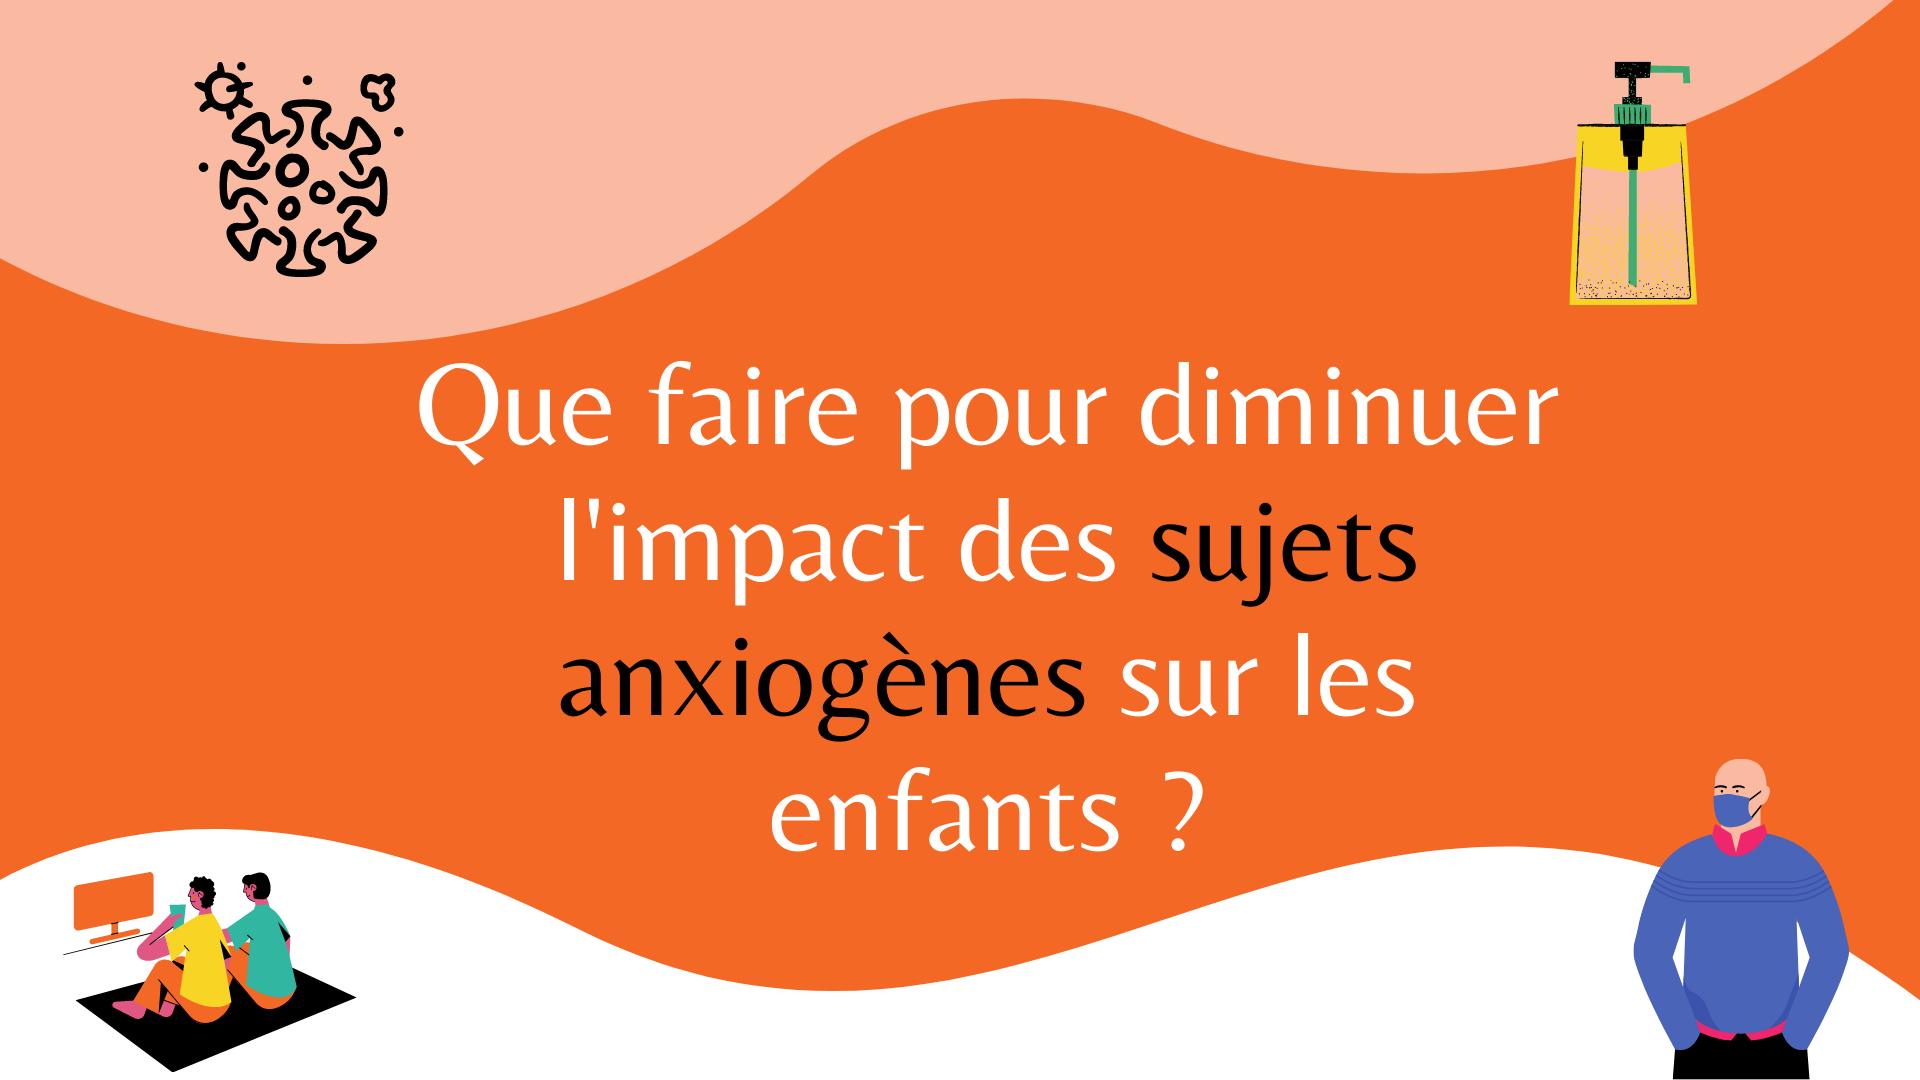 Que faire pour diminuer l'impact des sujets anxiogènes sur les enfants ?